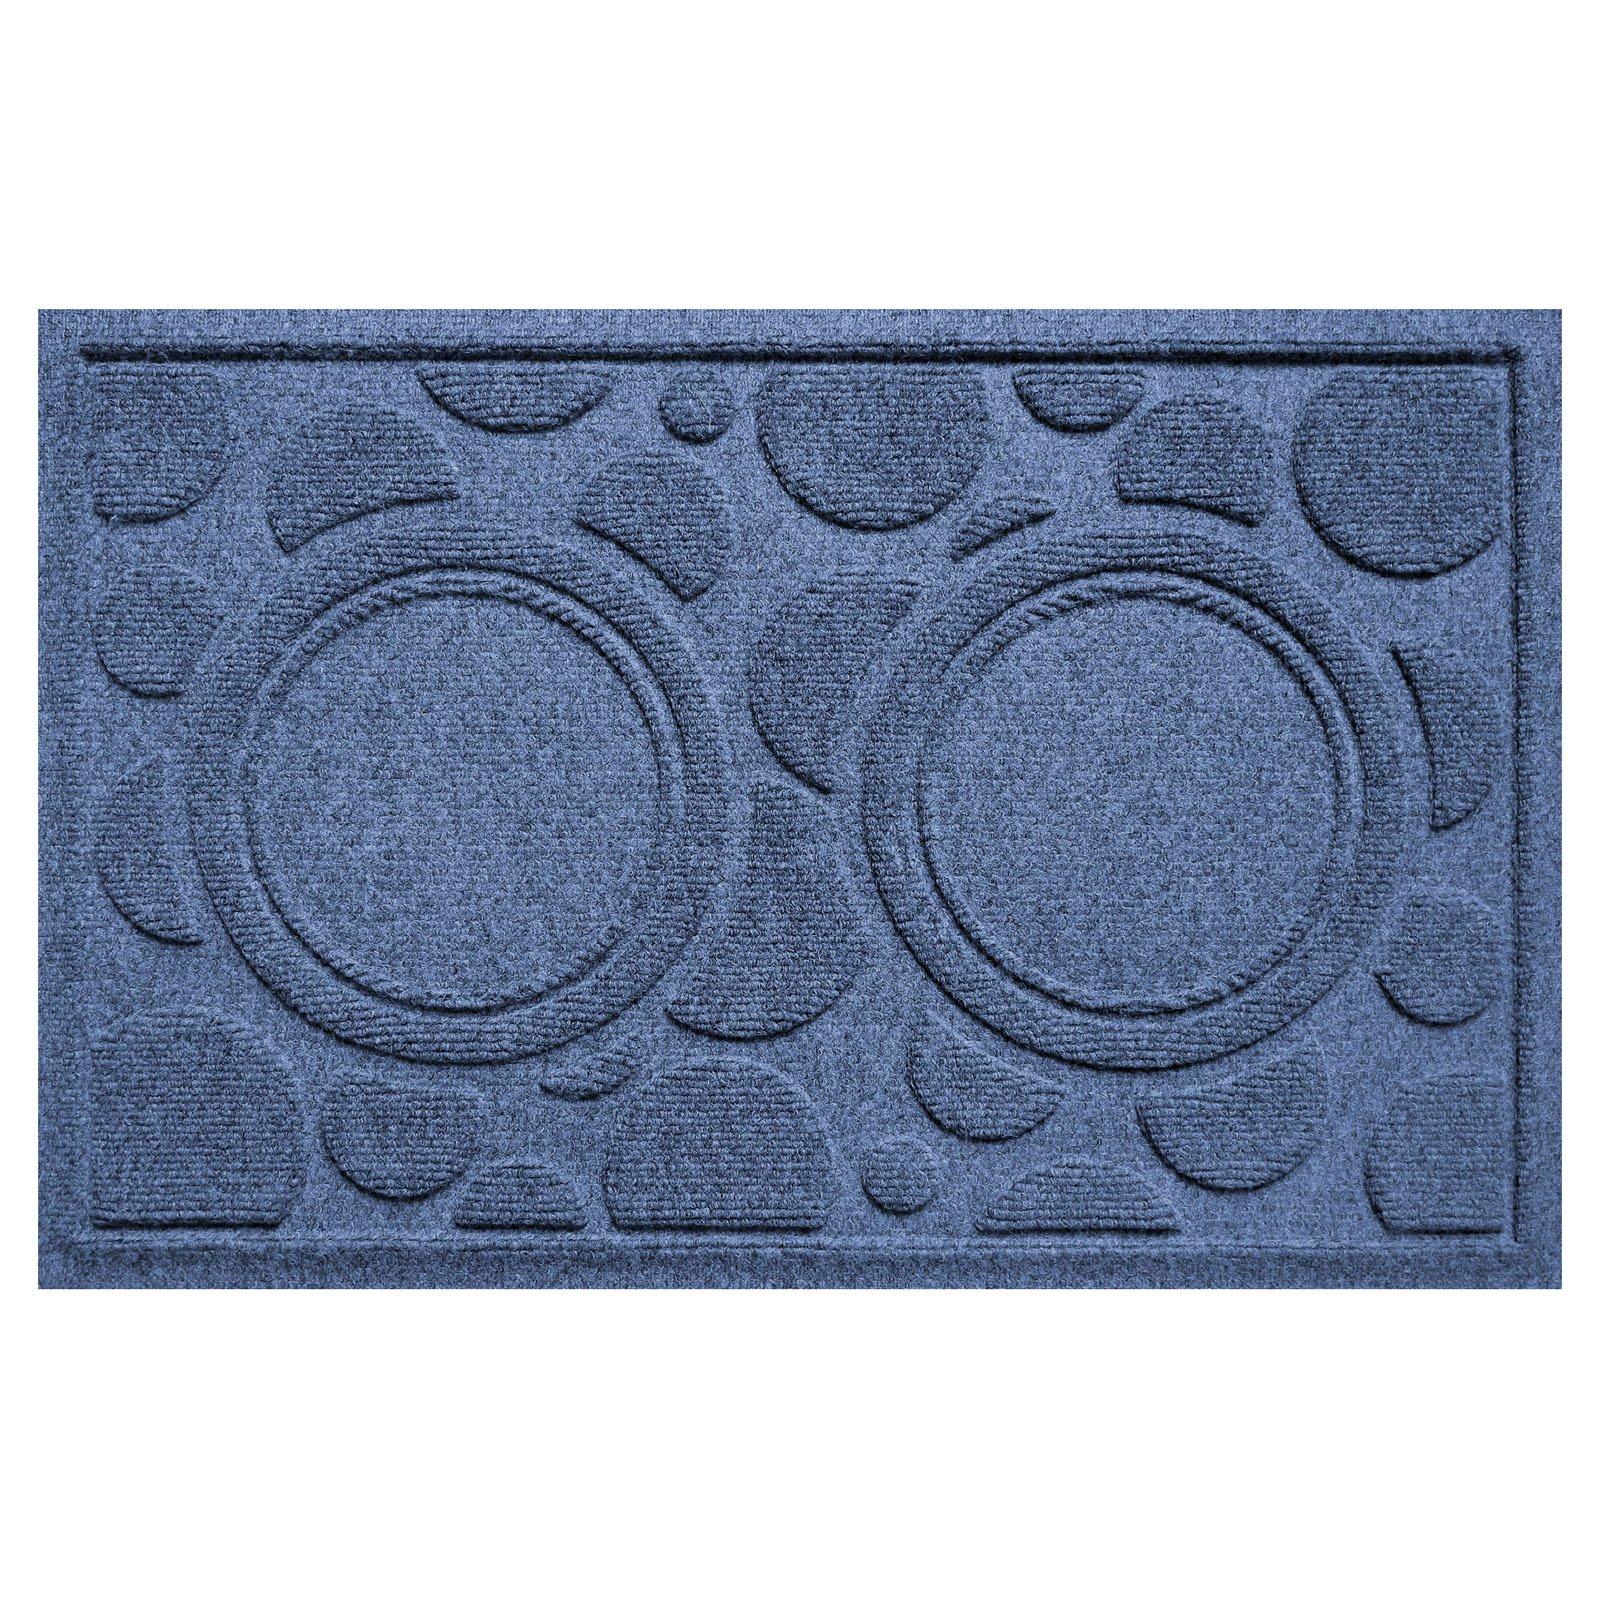 Bungalow Flooring Aqua Shield Dog Bowl Dots Pet Feeder Mat